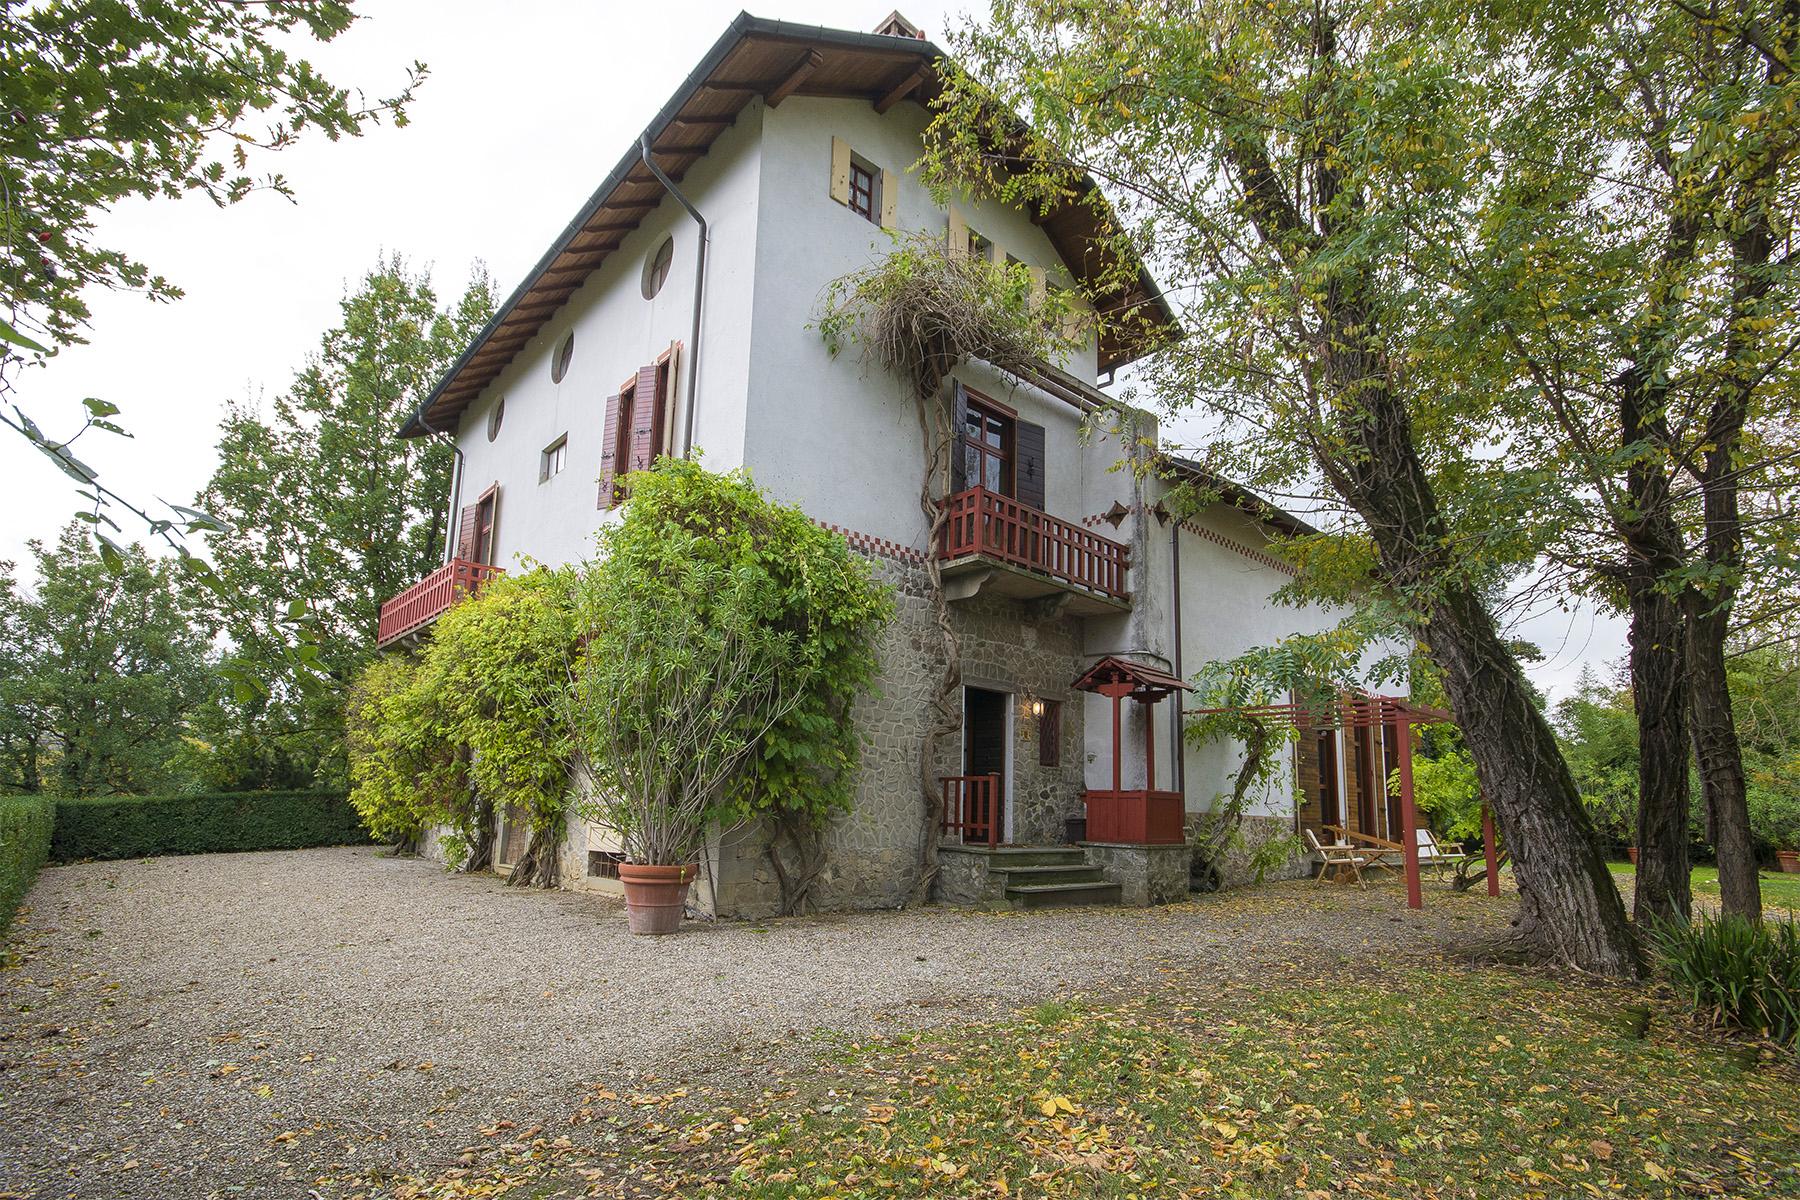 Casa indipendente in Vendita a Traversetolo: 5 locali, 350 mq - Foto 2